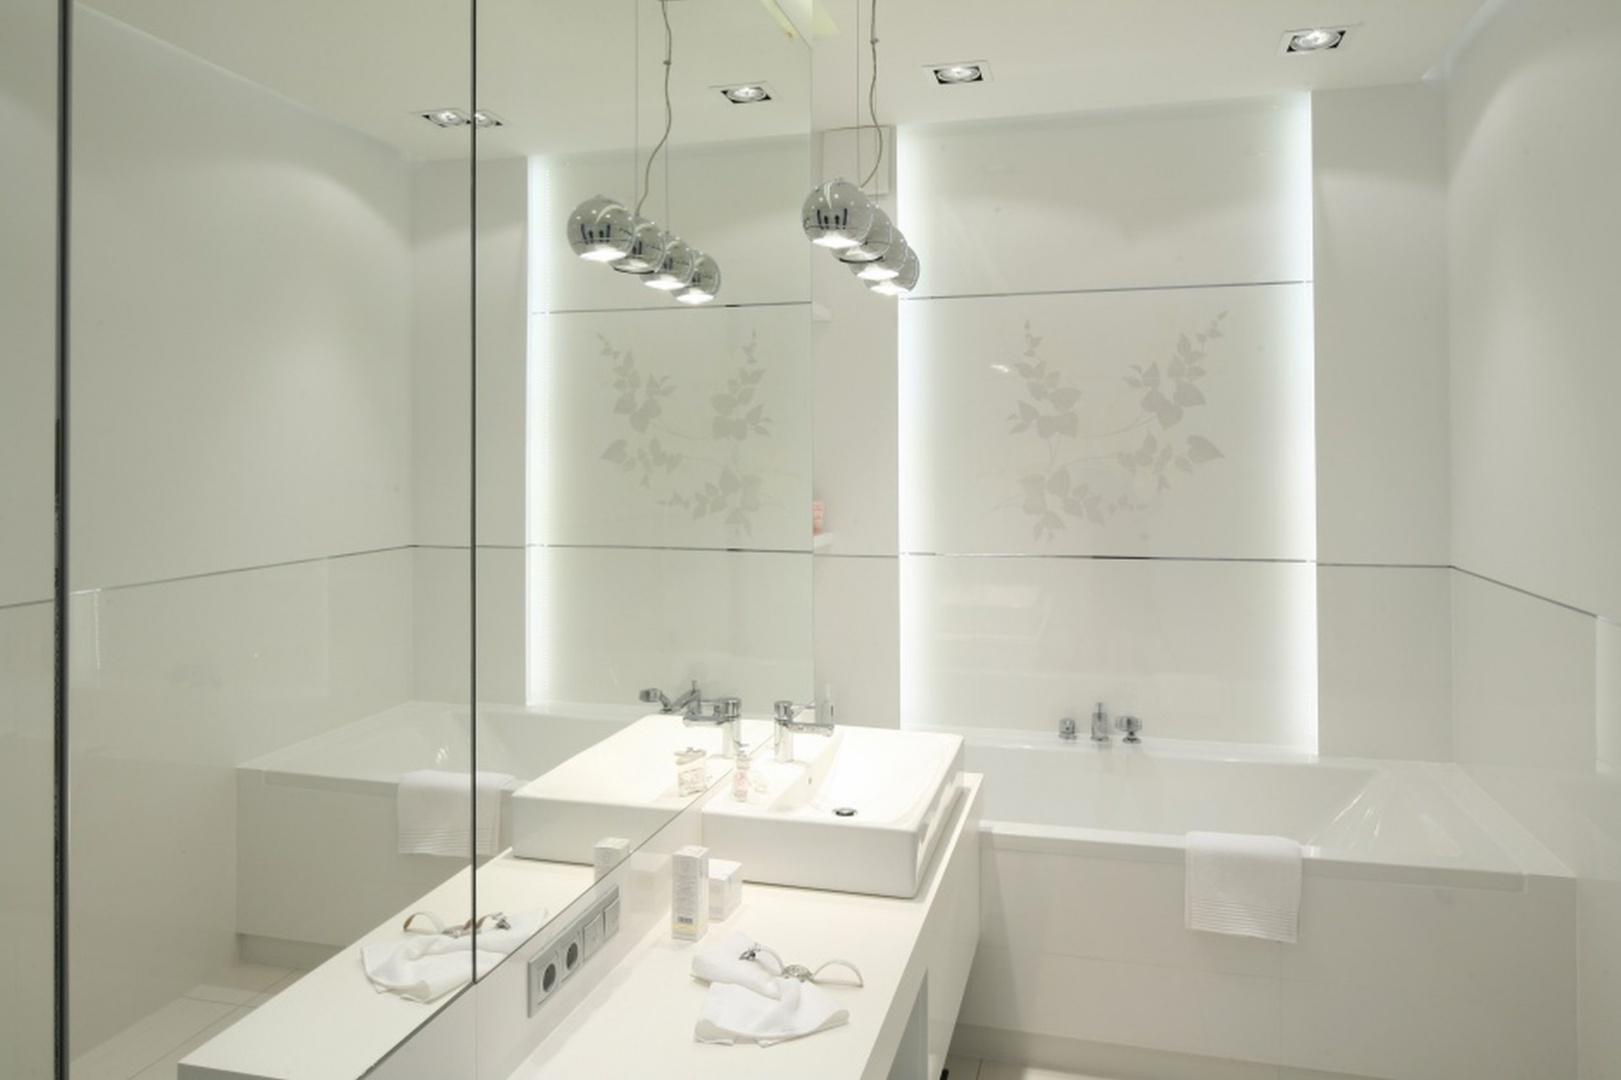 W białej łazience wzrok przyciągają wiszące lampki w srebrnym kolorze. Projekt:  Anna Maria Sokołowska. Fot. Bartosz Jarosz.